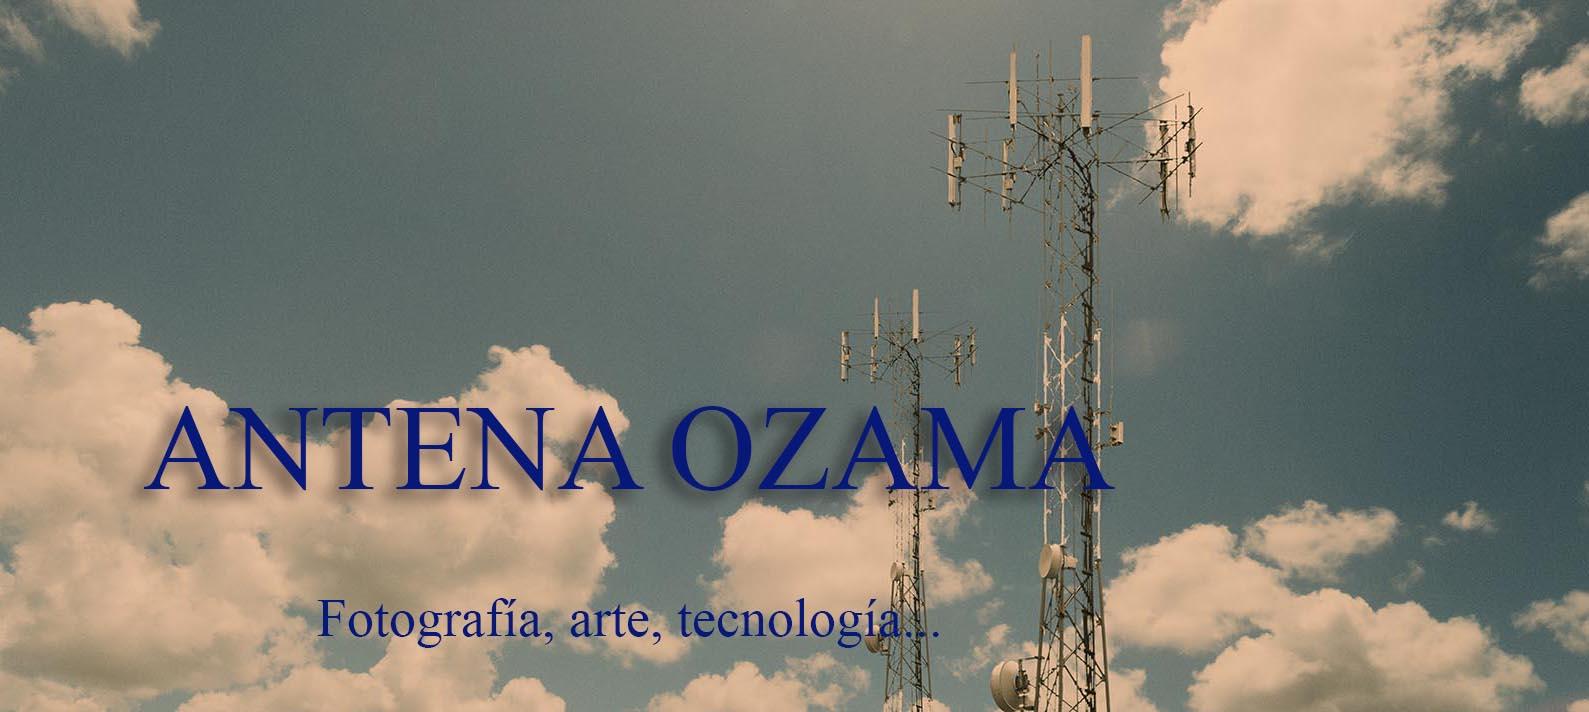 ANTENA OZAMA